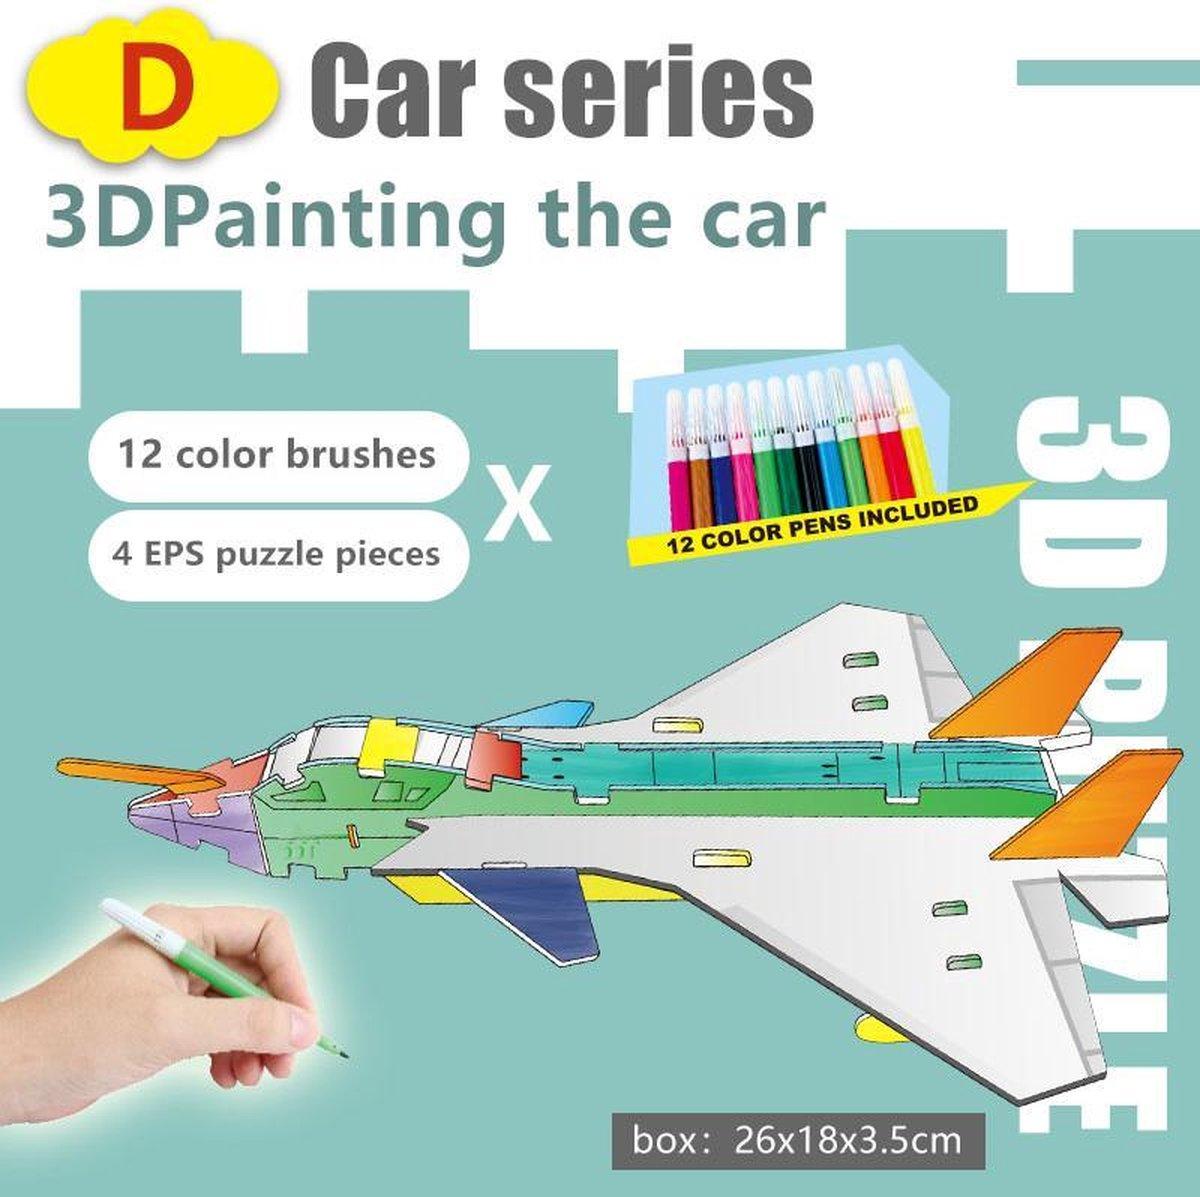 3D Puzzel ' Voertuig A&D 2 in 1 Set' Speelgoed voor kinderen - Jongens En Meisjes - Voertuigen - Villa - Kasteel - Tekenen - Kleuren - Knutselen - Vanaf 3 Jaar Oud - Leerzaam